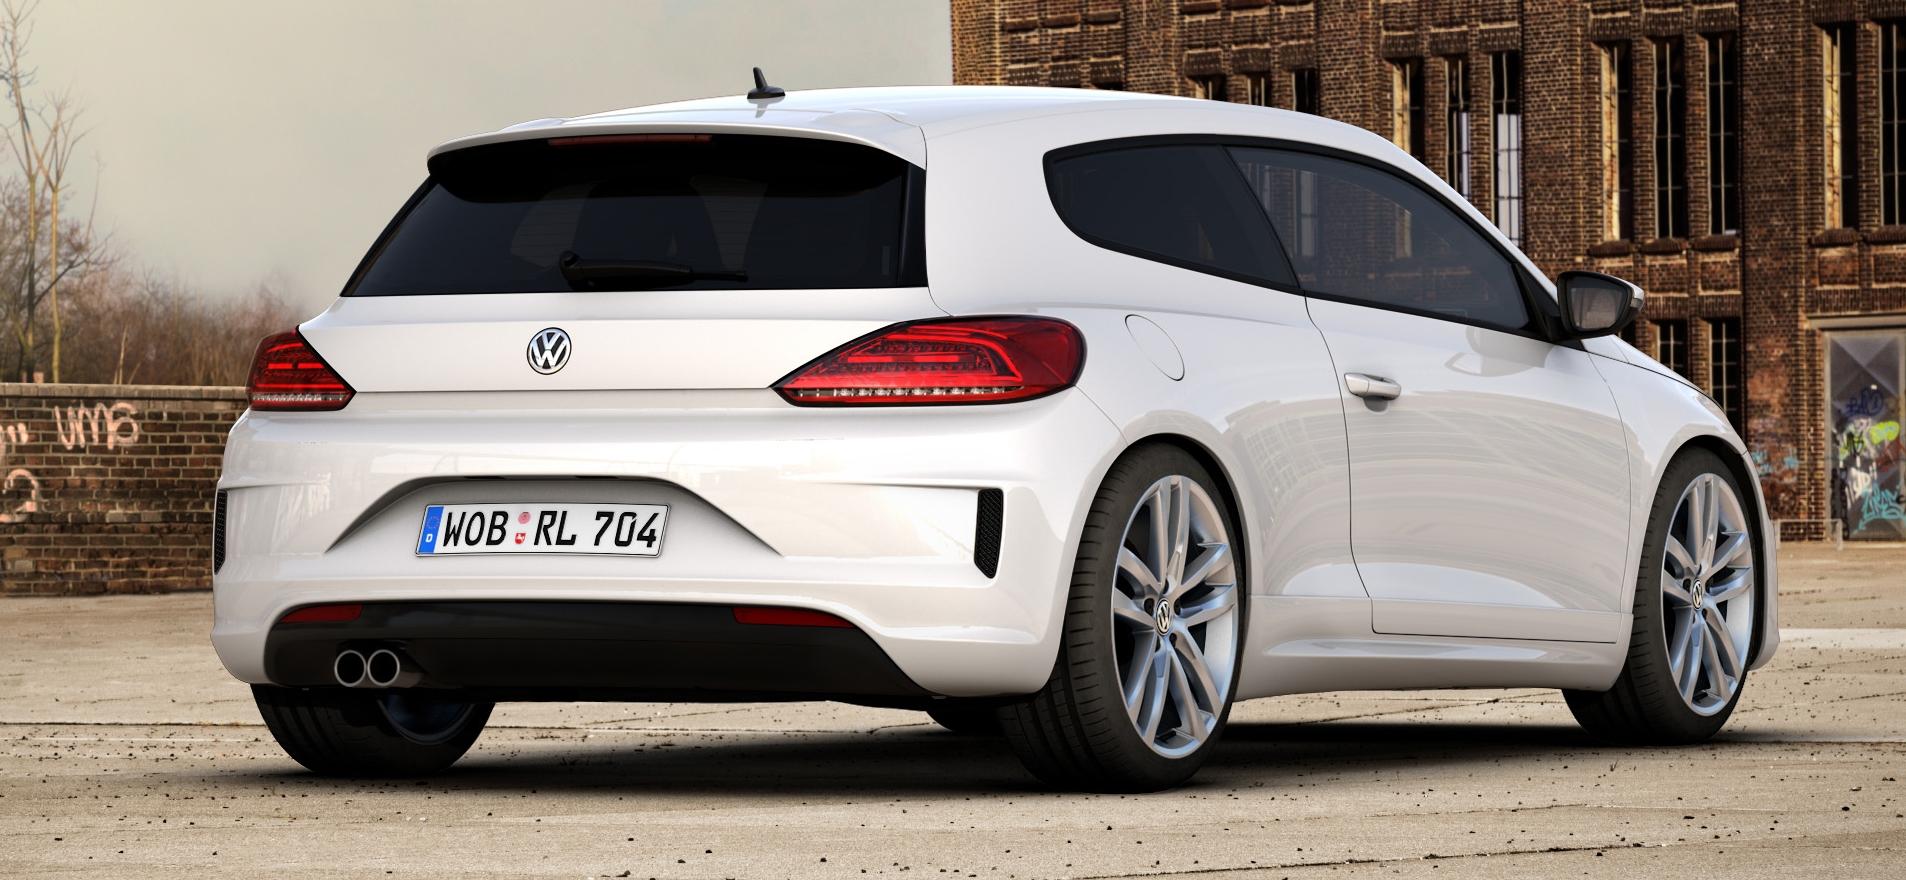 Volkswagen Scirocco R Line